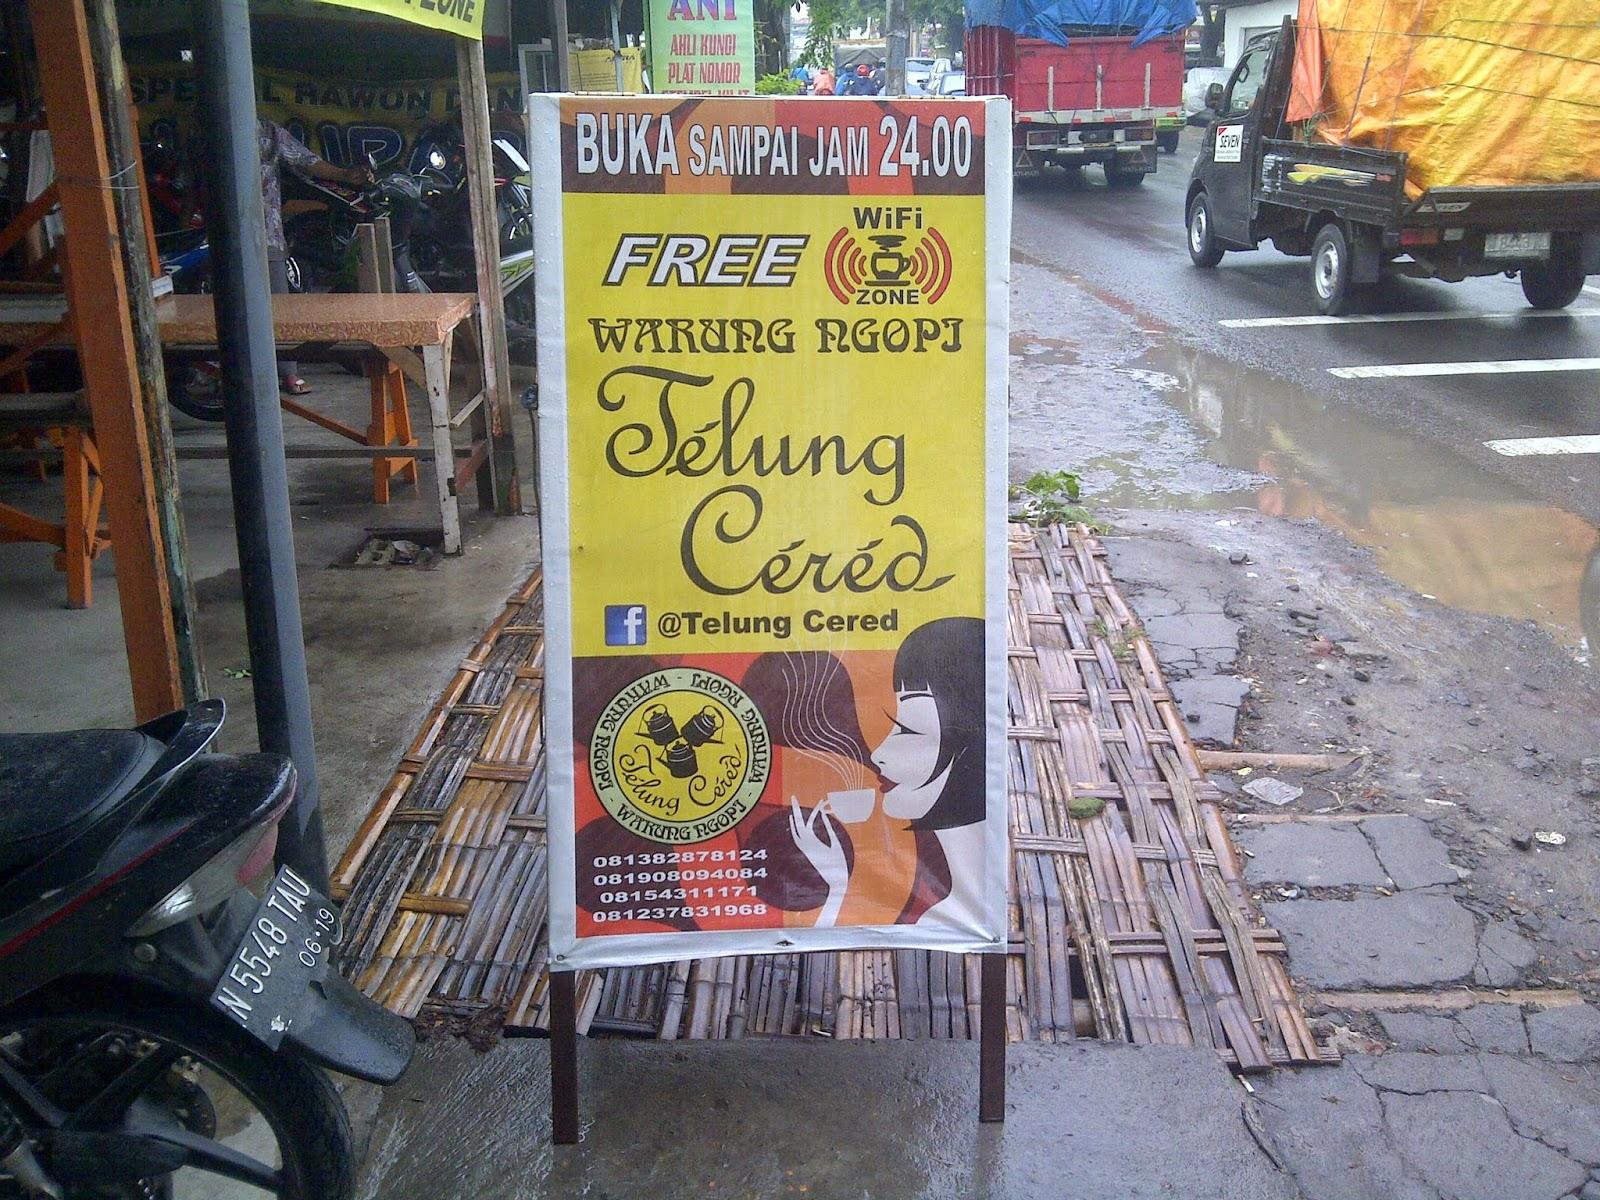 Blognya Setiyo Info Kuliner Warung Kopi Telung Cered Surabaya